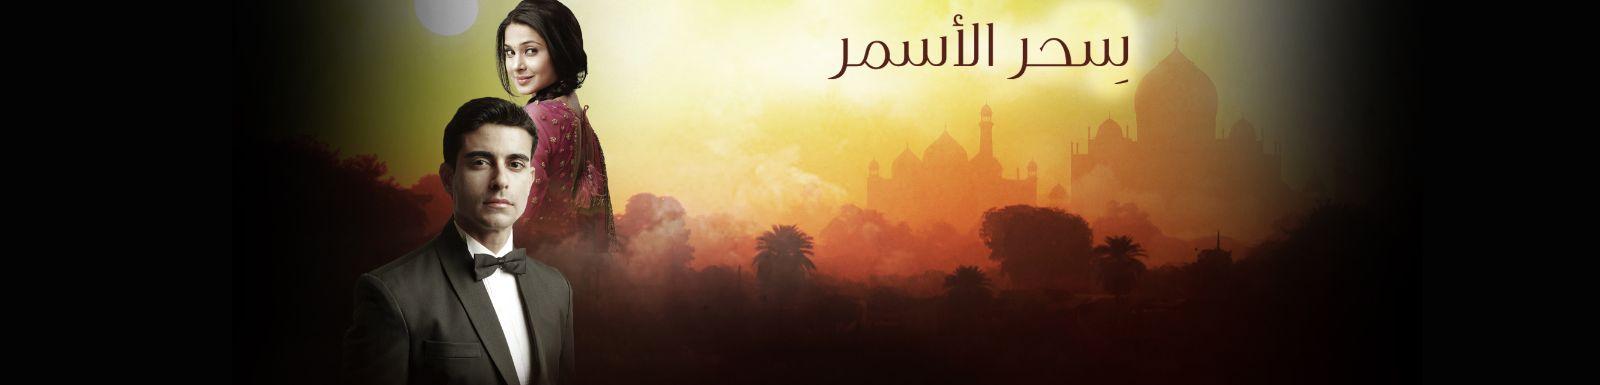 مشاهدة وتحميل مسلسل سحر الأسمر ج2 الحلقة 76 السادسة والسبعون كاملة 2014